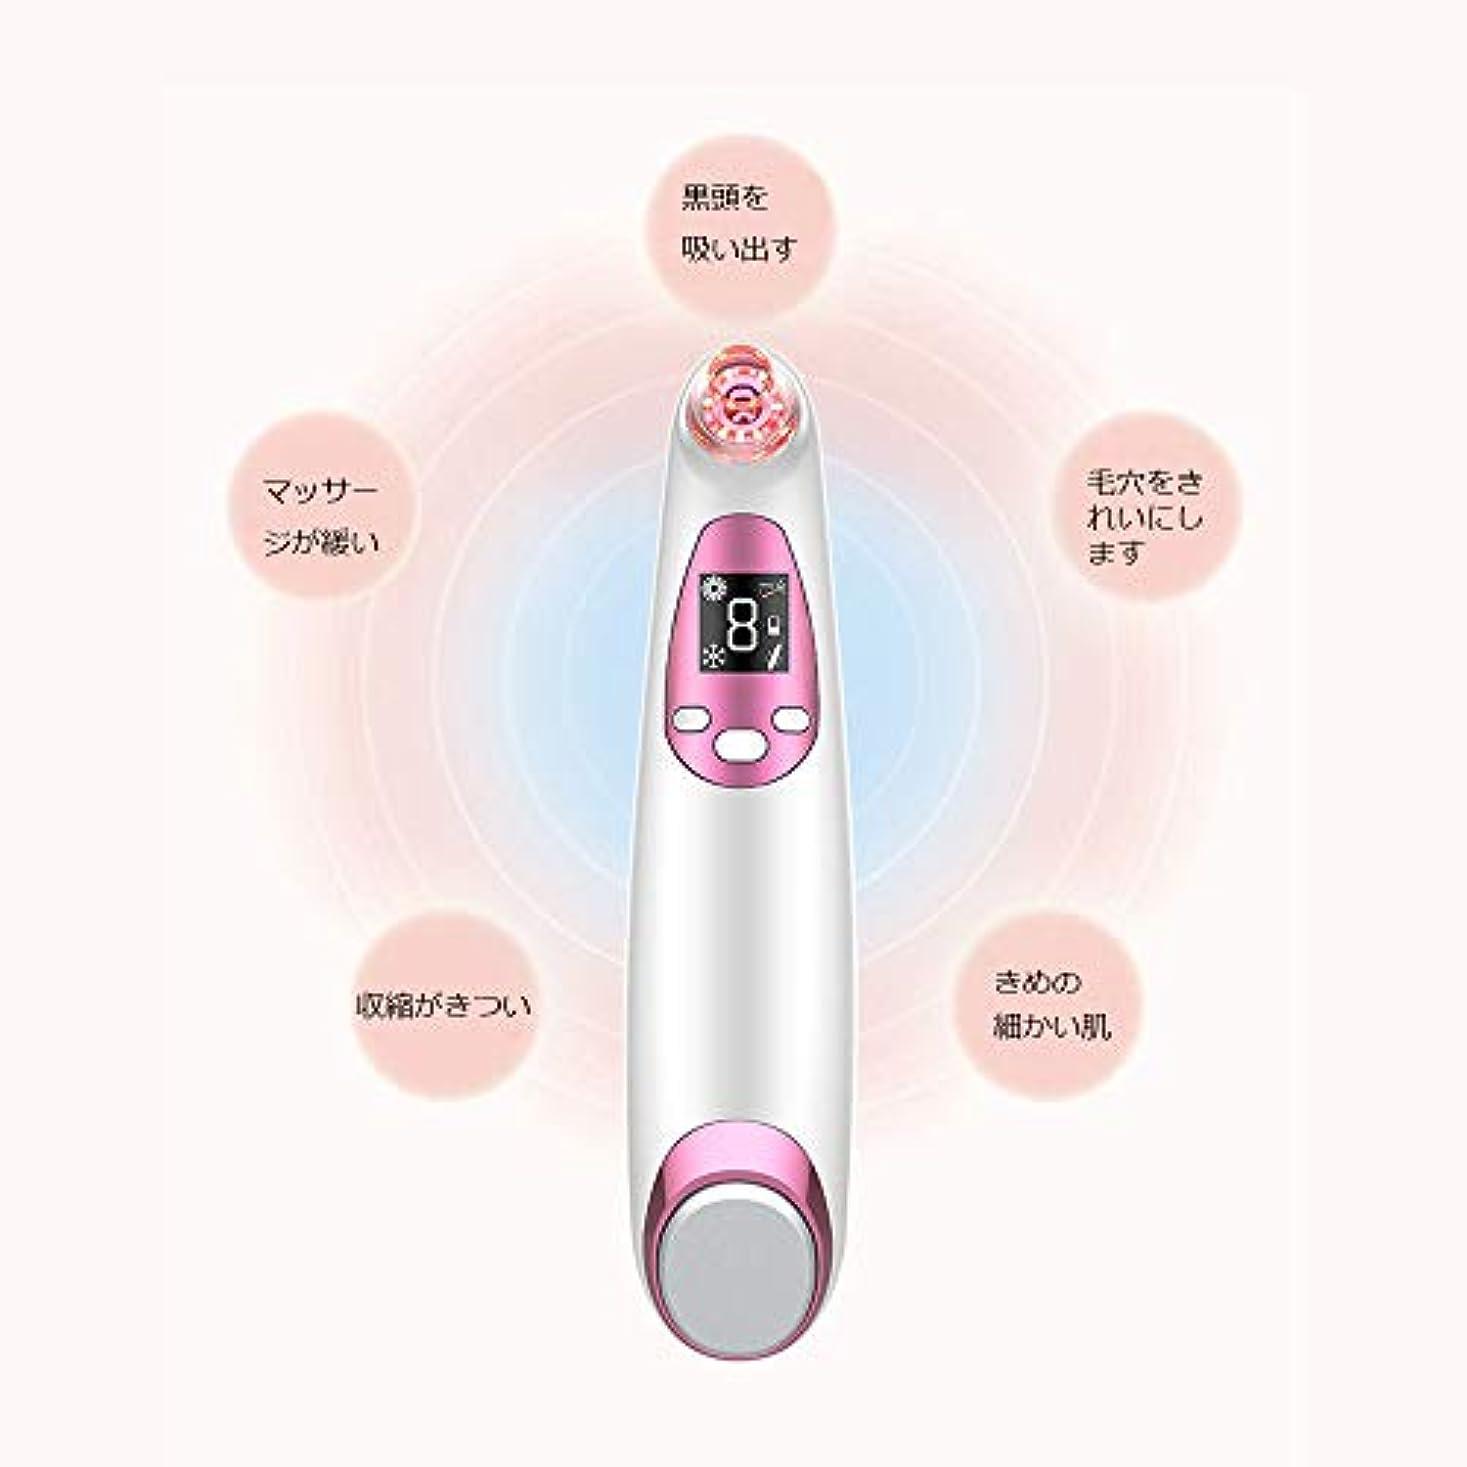 突っ込む言及する引き渡すにきびの除去剤の気孔の掃除機、LED表示が付いている顔の気孔の洗剤、熱く/冷たい振動心配のパネル、再充電可能および4つの吸引の頭部